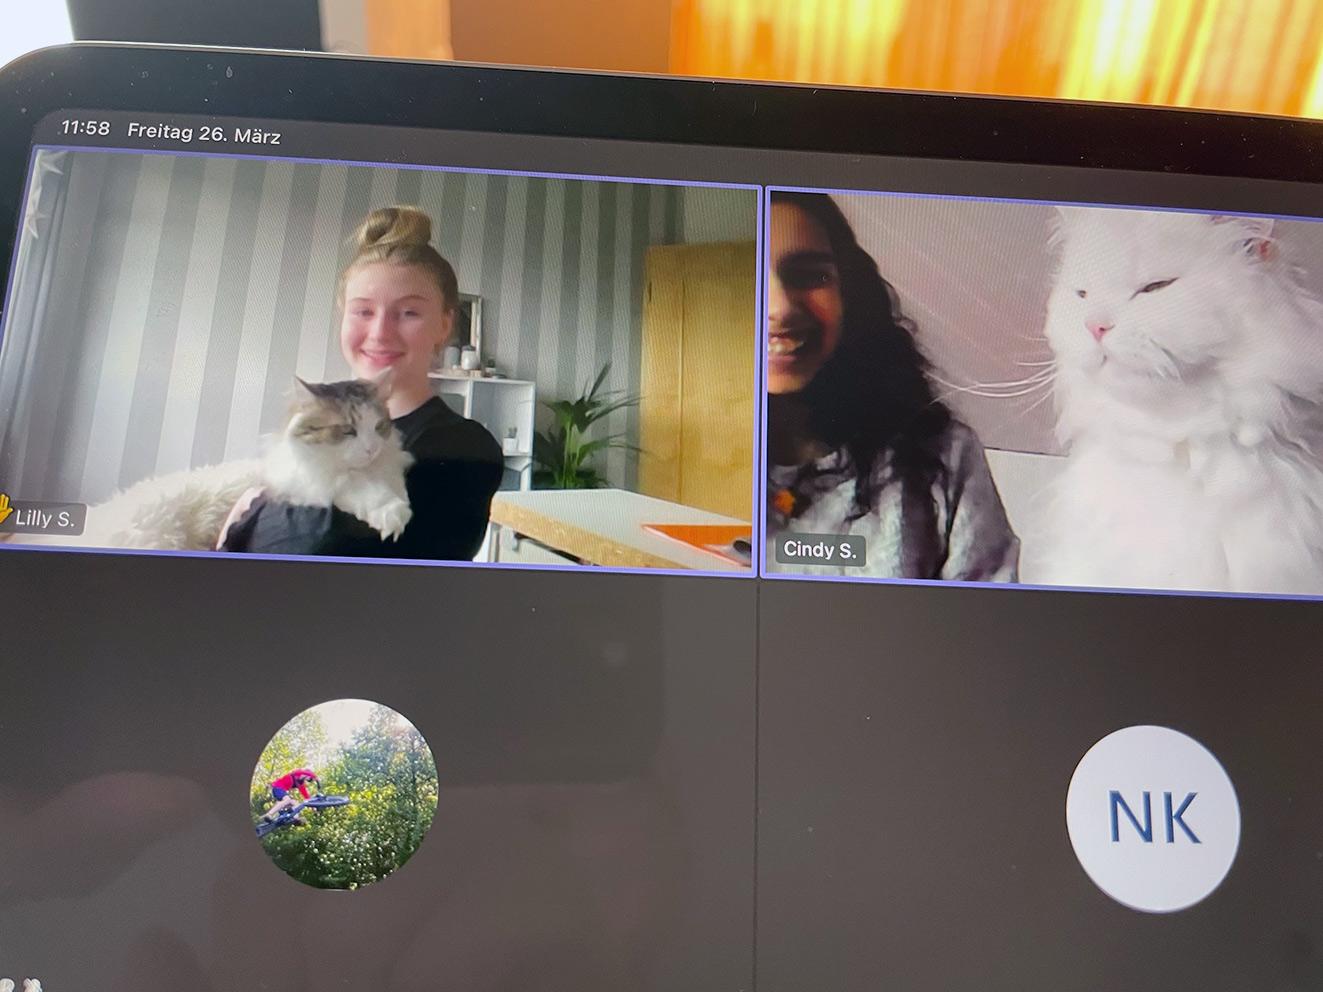 Auch Teams-Sitzungen gehen weiter. Zur Freude interessierter Haustiere. Foto: Screenshot 7a/CJD Oberurff